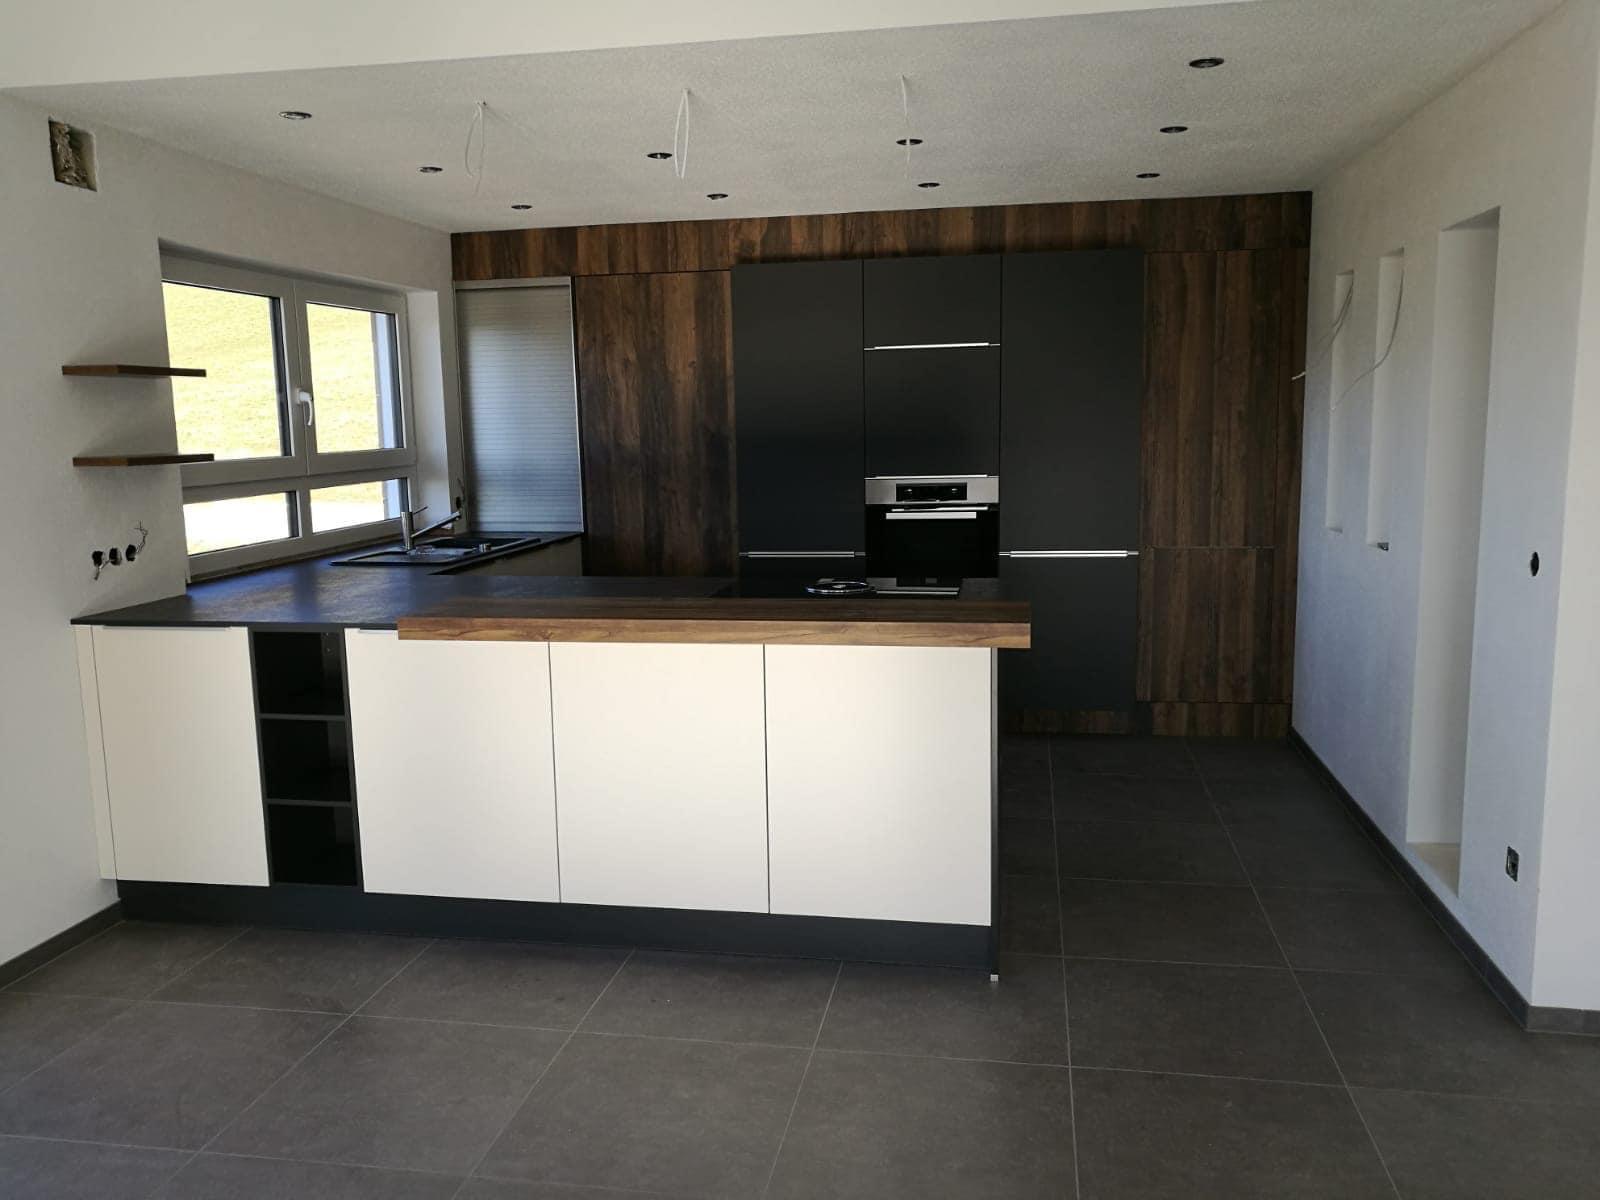 Unsere Referenzen - Auer Küchen in Tuttlingen